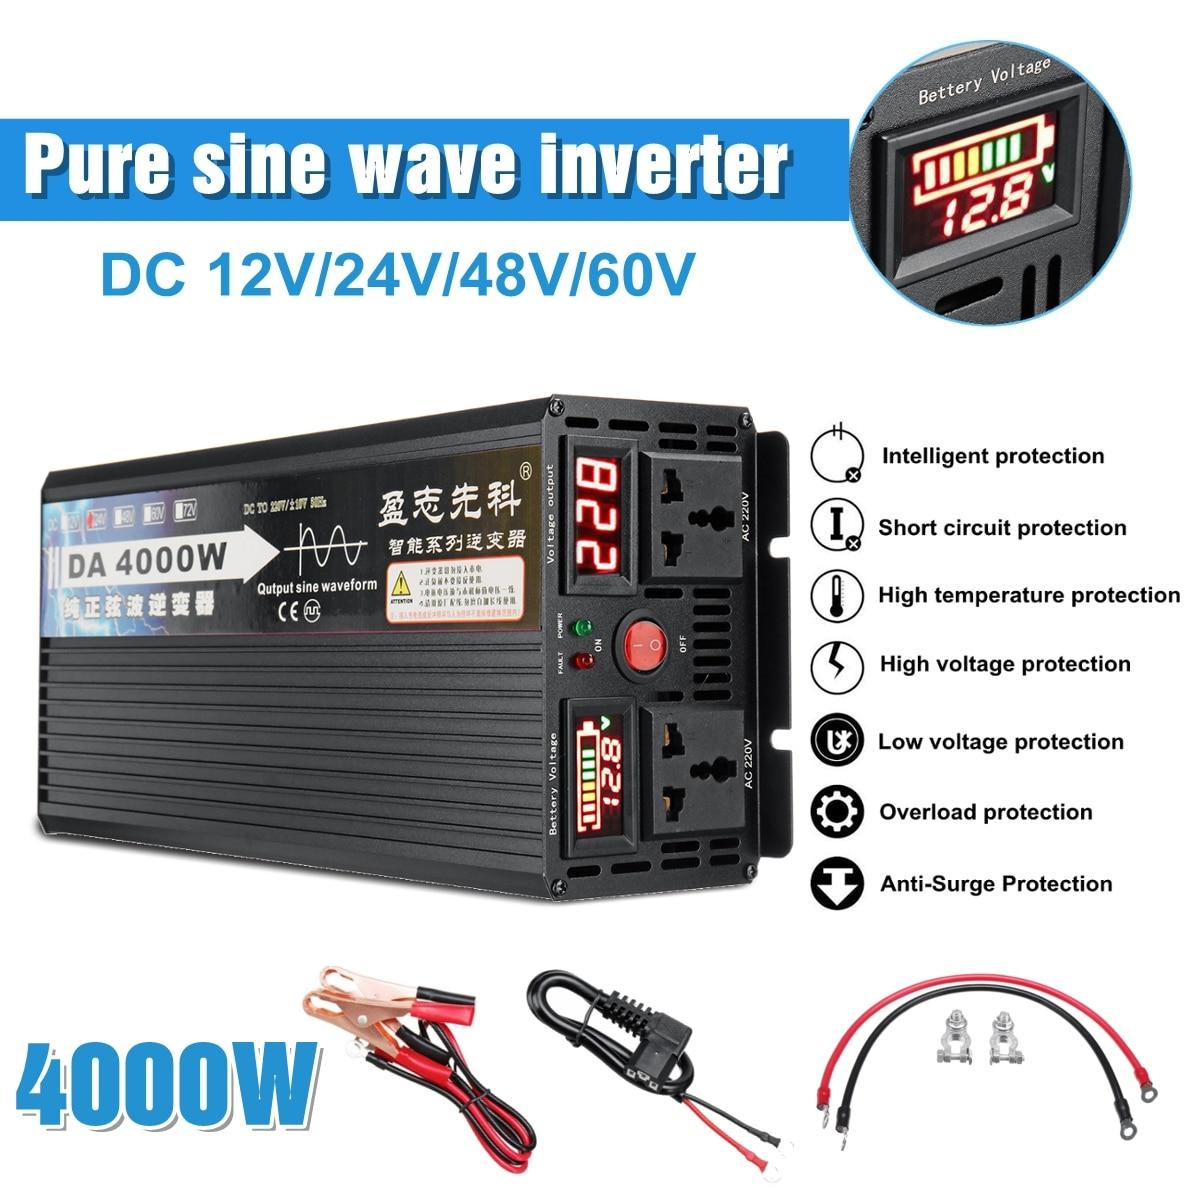 4000W transformador de Tensão de onda senoidal pura energia solar inversor DC 12V 24V 48V 60V para AC 220V LCD/Display LED